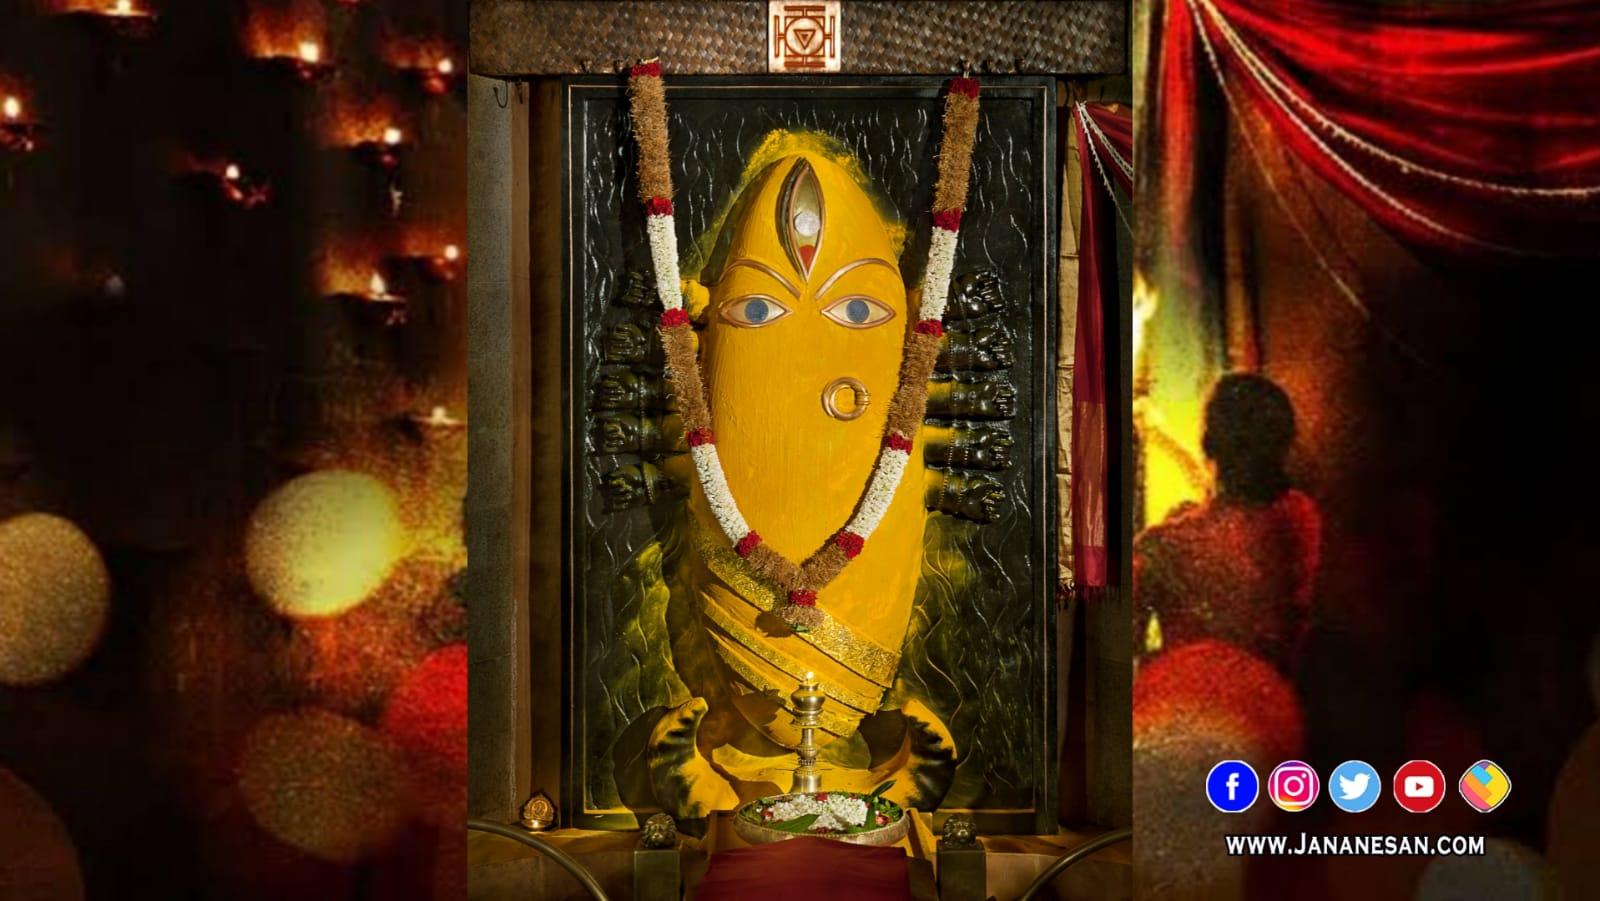 ஈஷாவில் நவராத்திரி விழா அக்.7-ம் தேதி தொடக்கம்..!